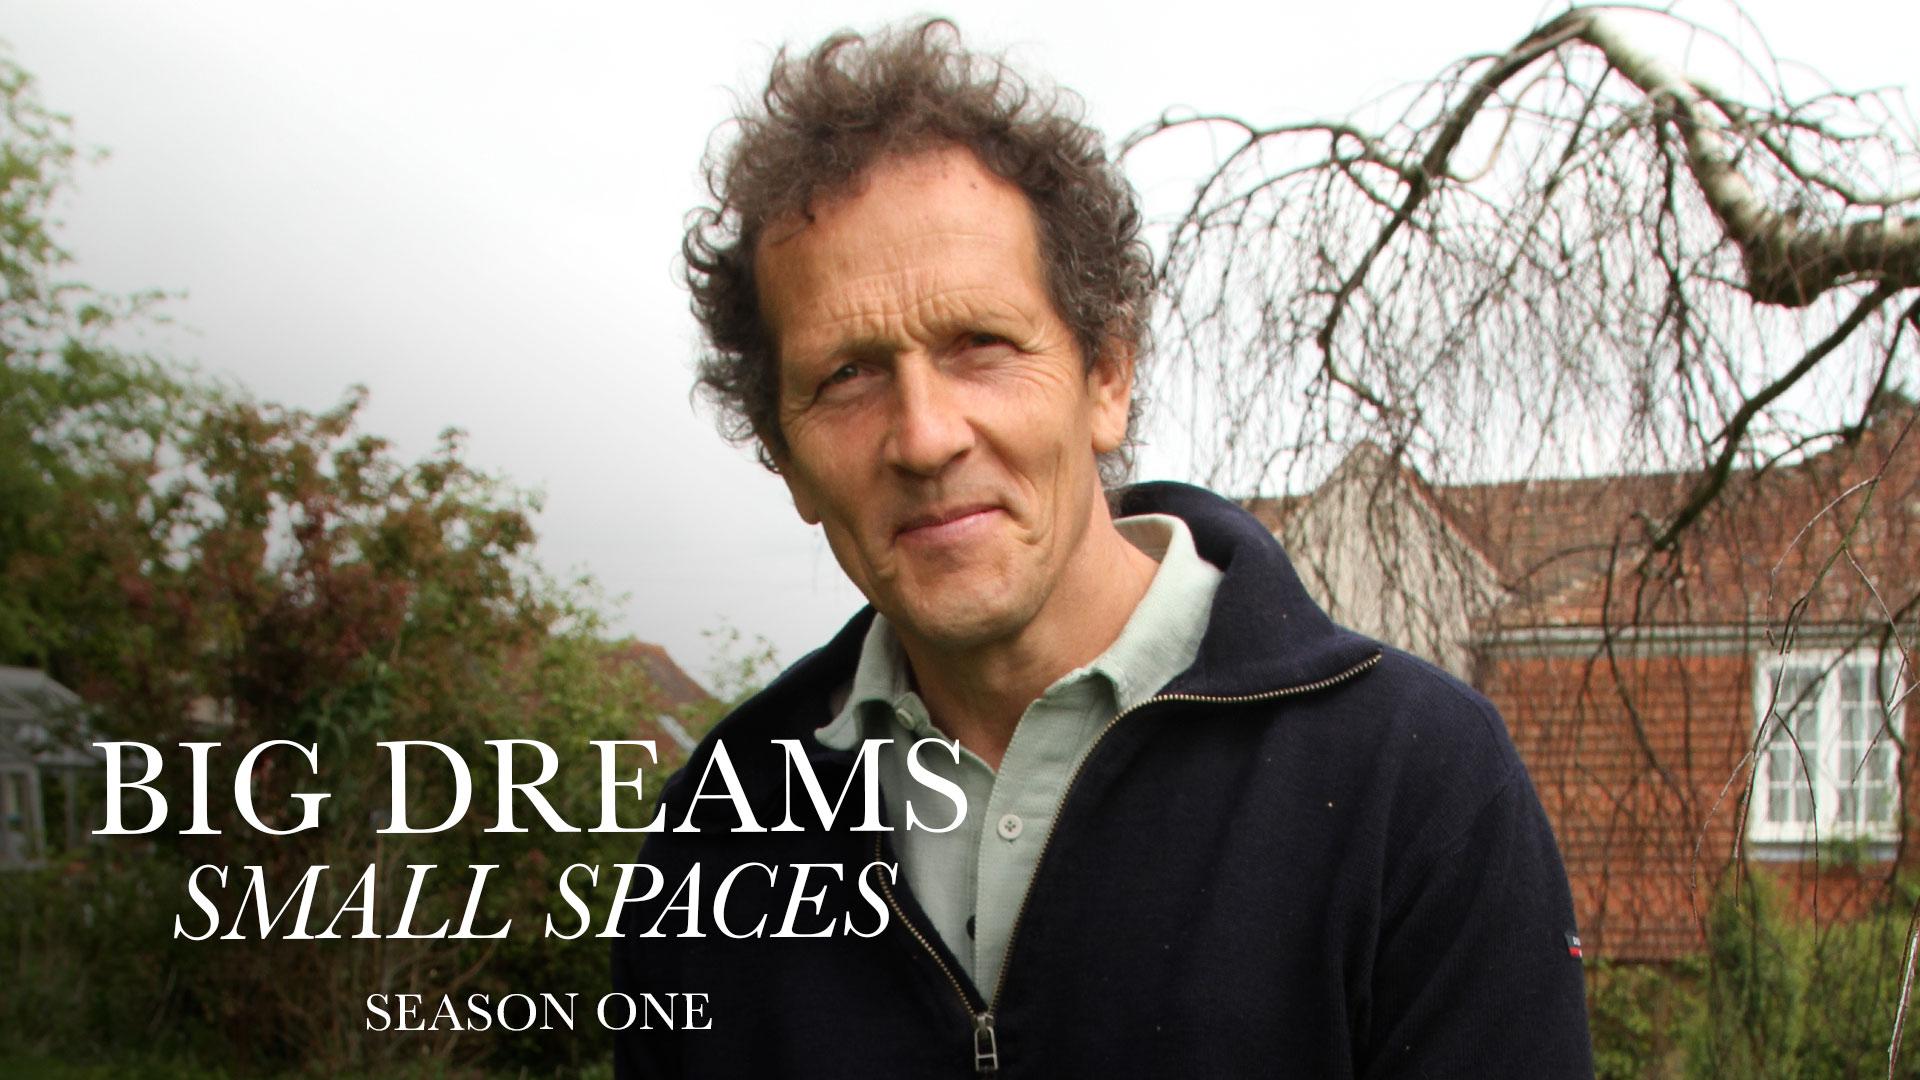 Big Dreams, Small Spaces